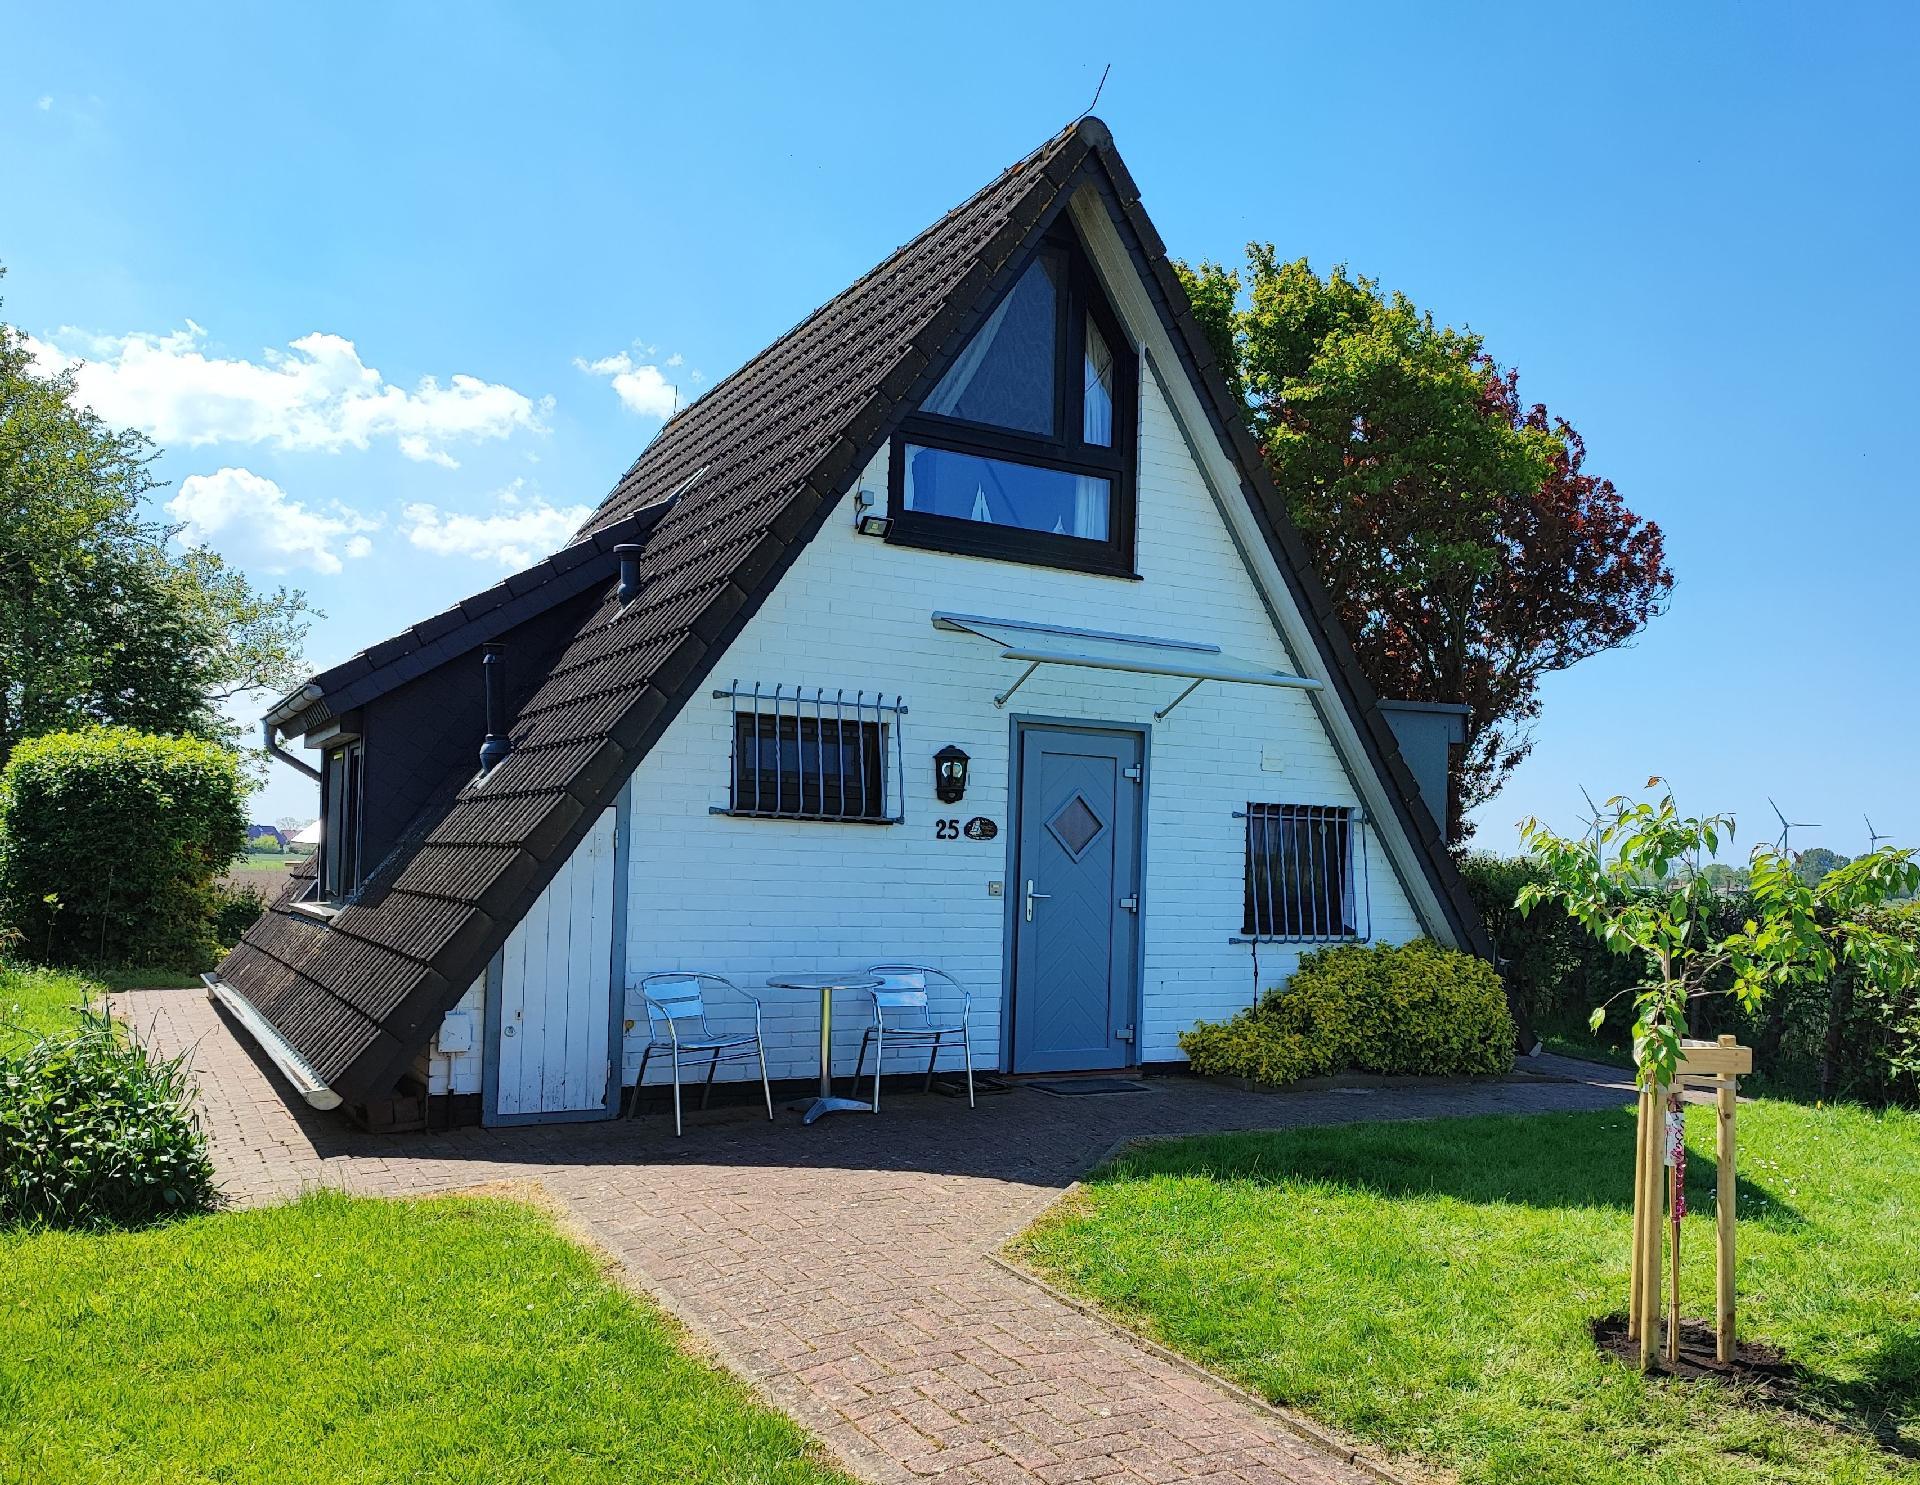 Ferienhaus für 5 Personen in Burhave | atraveo Objekt-Nr. 638345